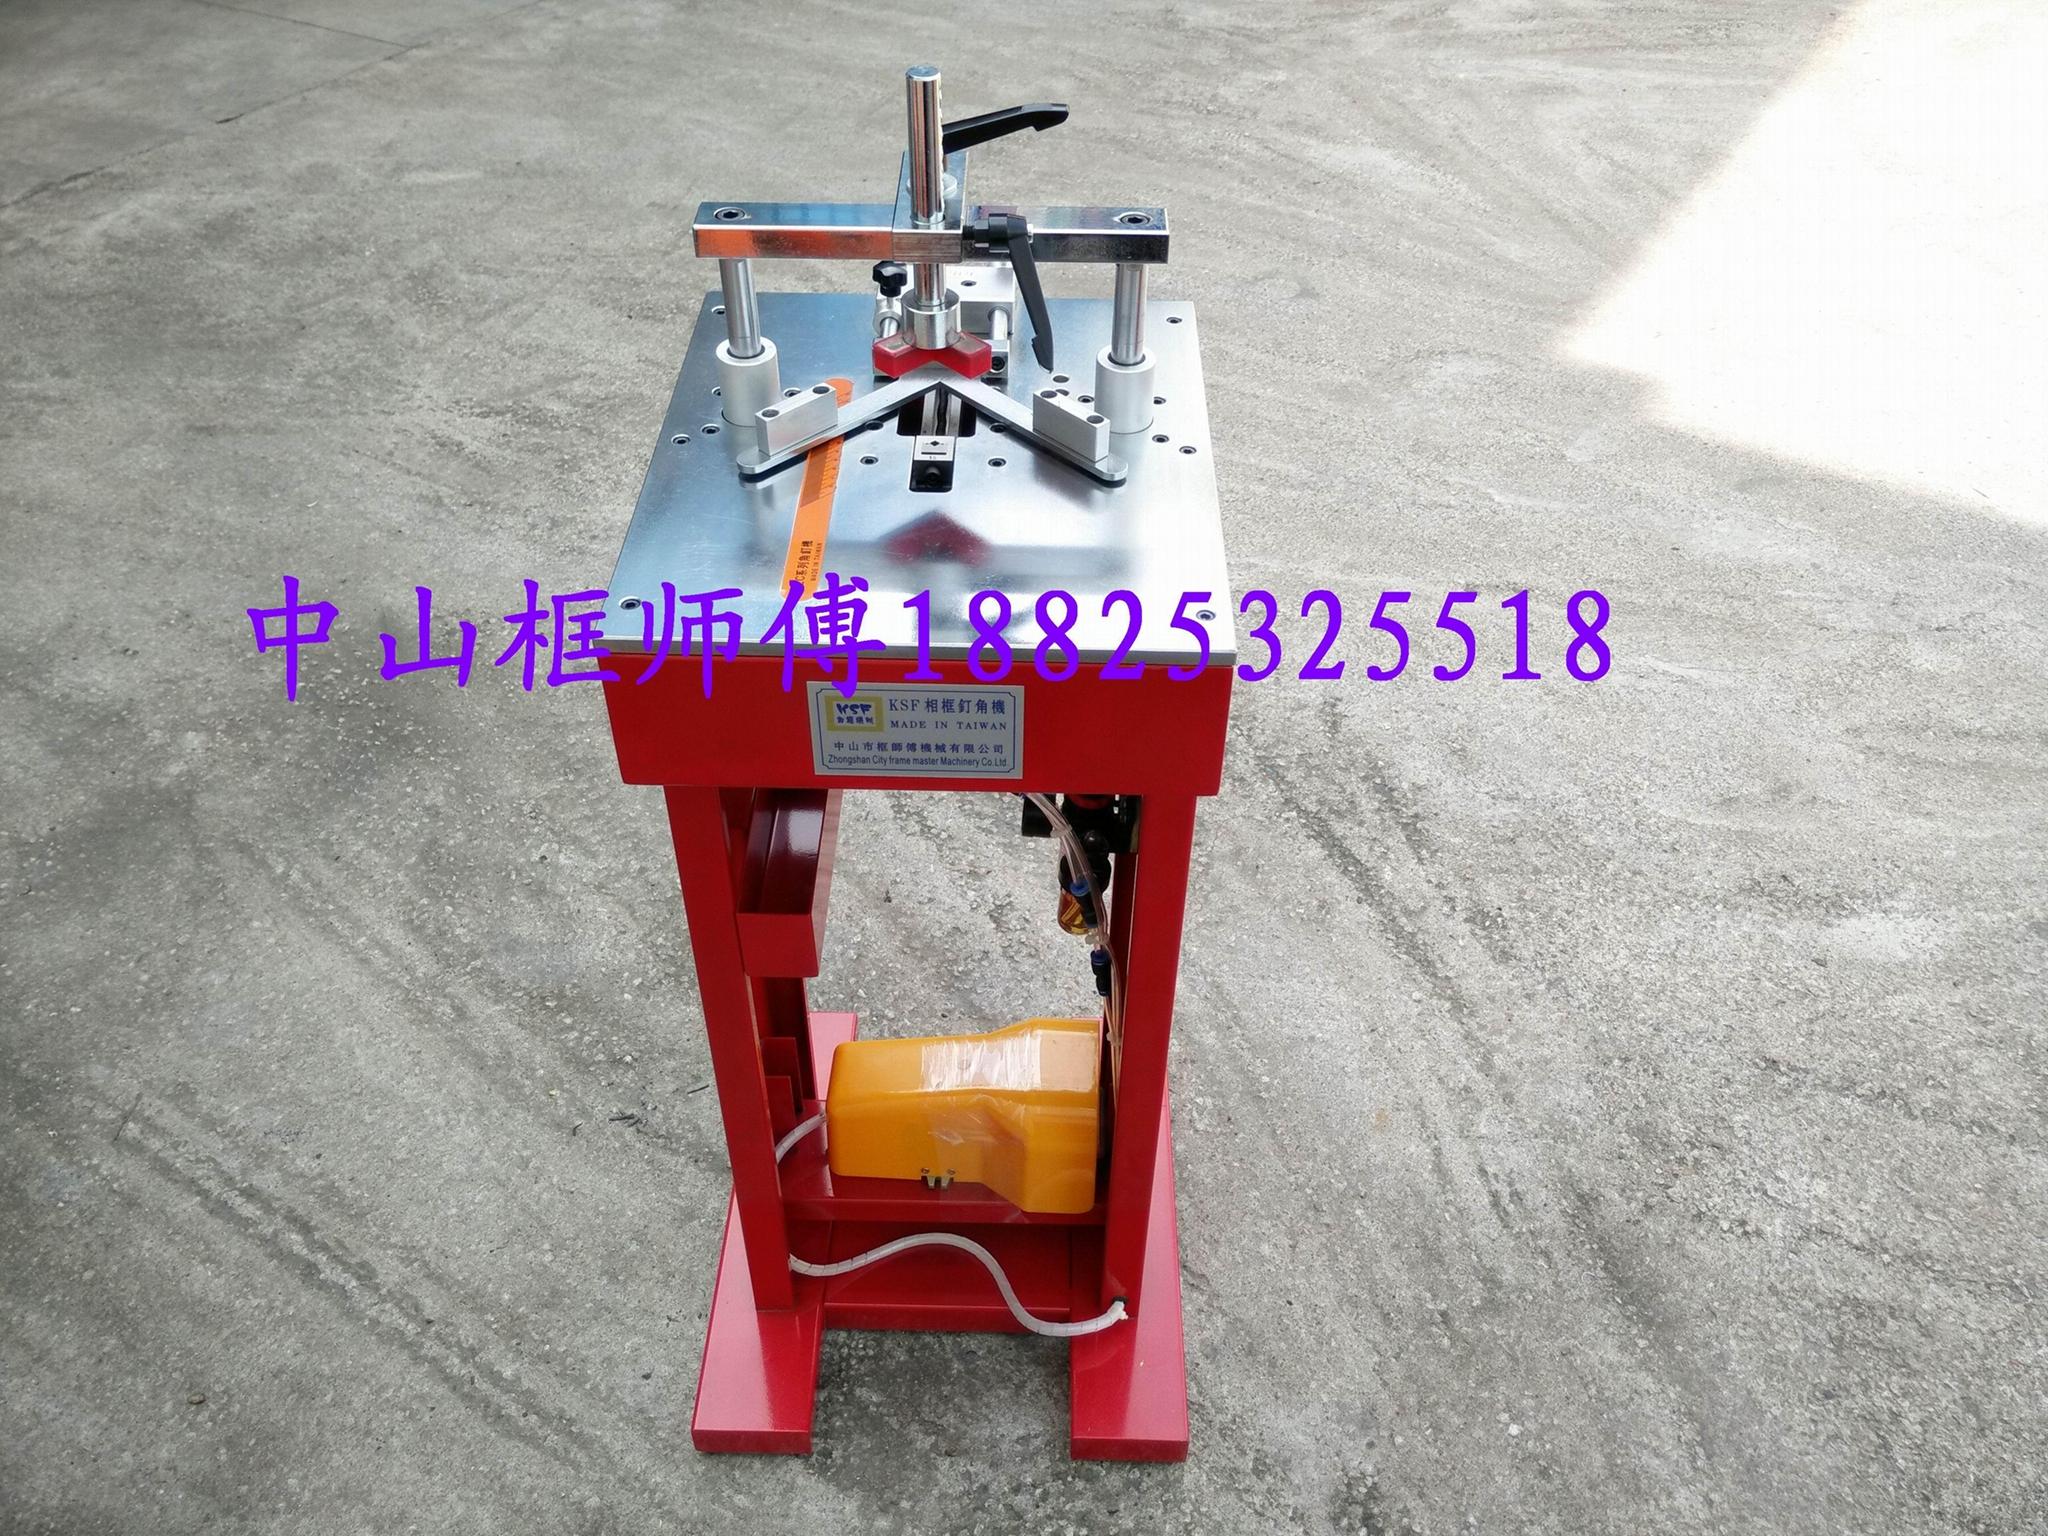 供應北京上海山東河南相框畫框KSF-P2型氣動訂角機 2